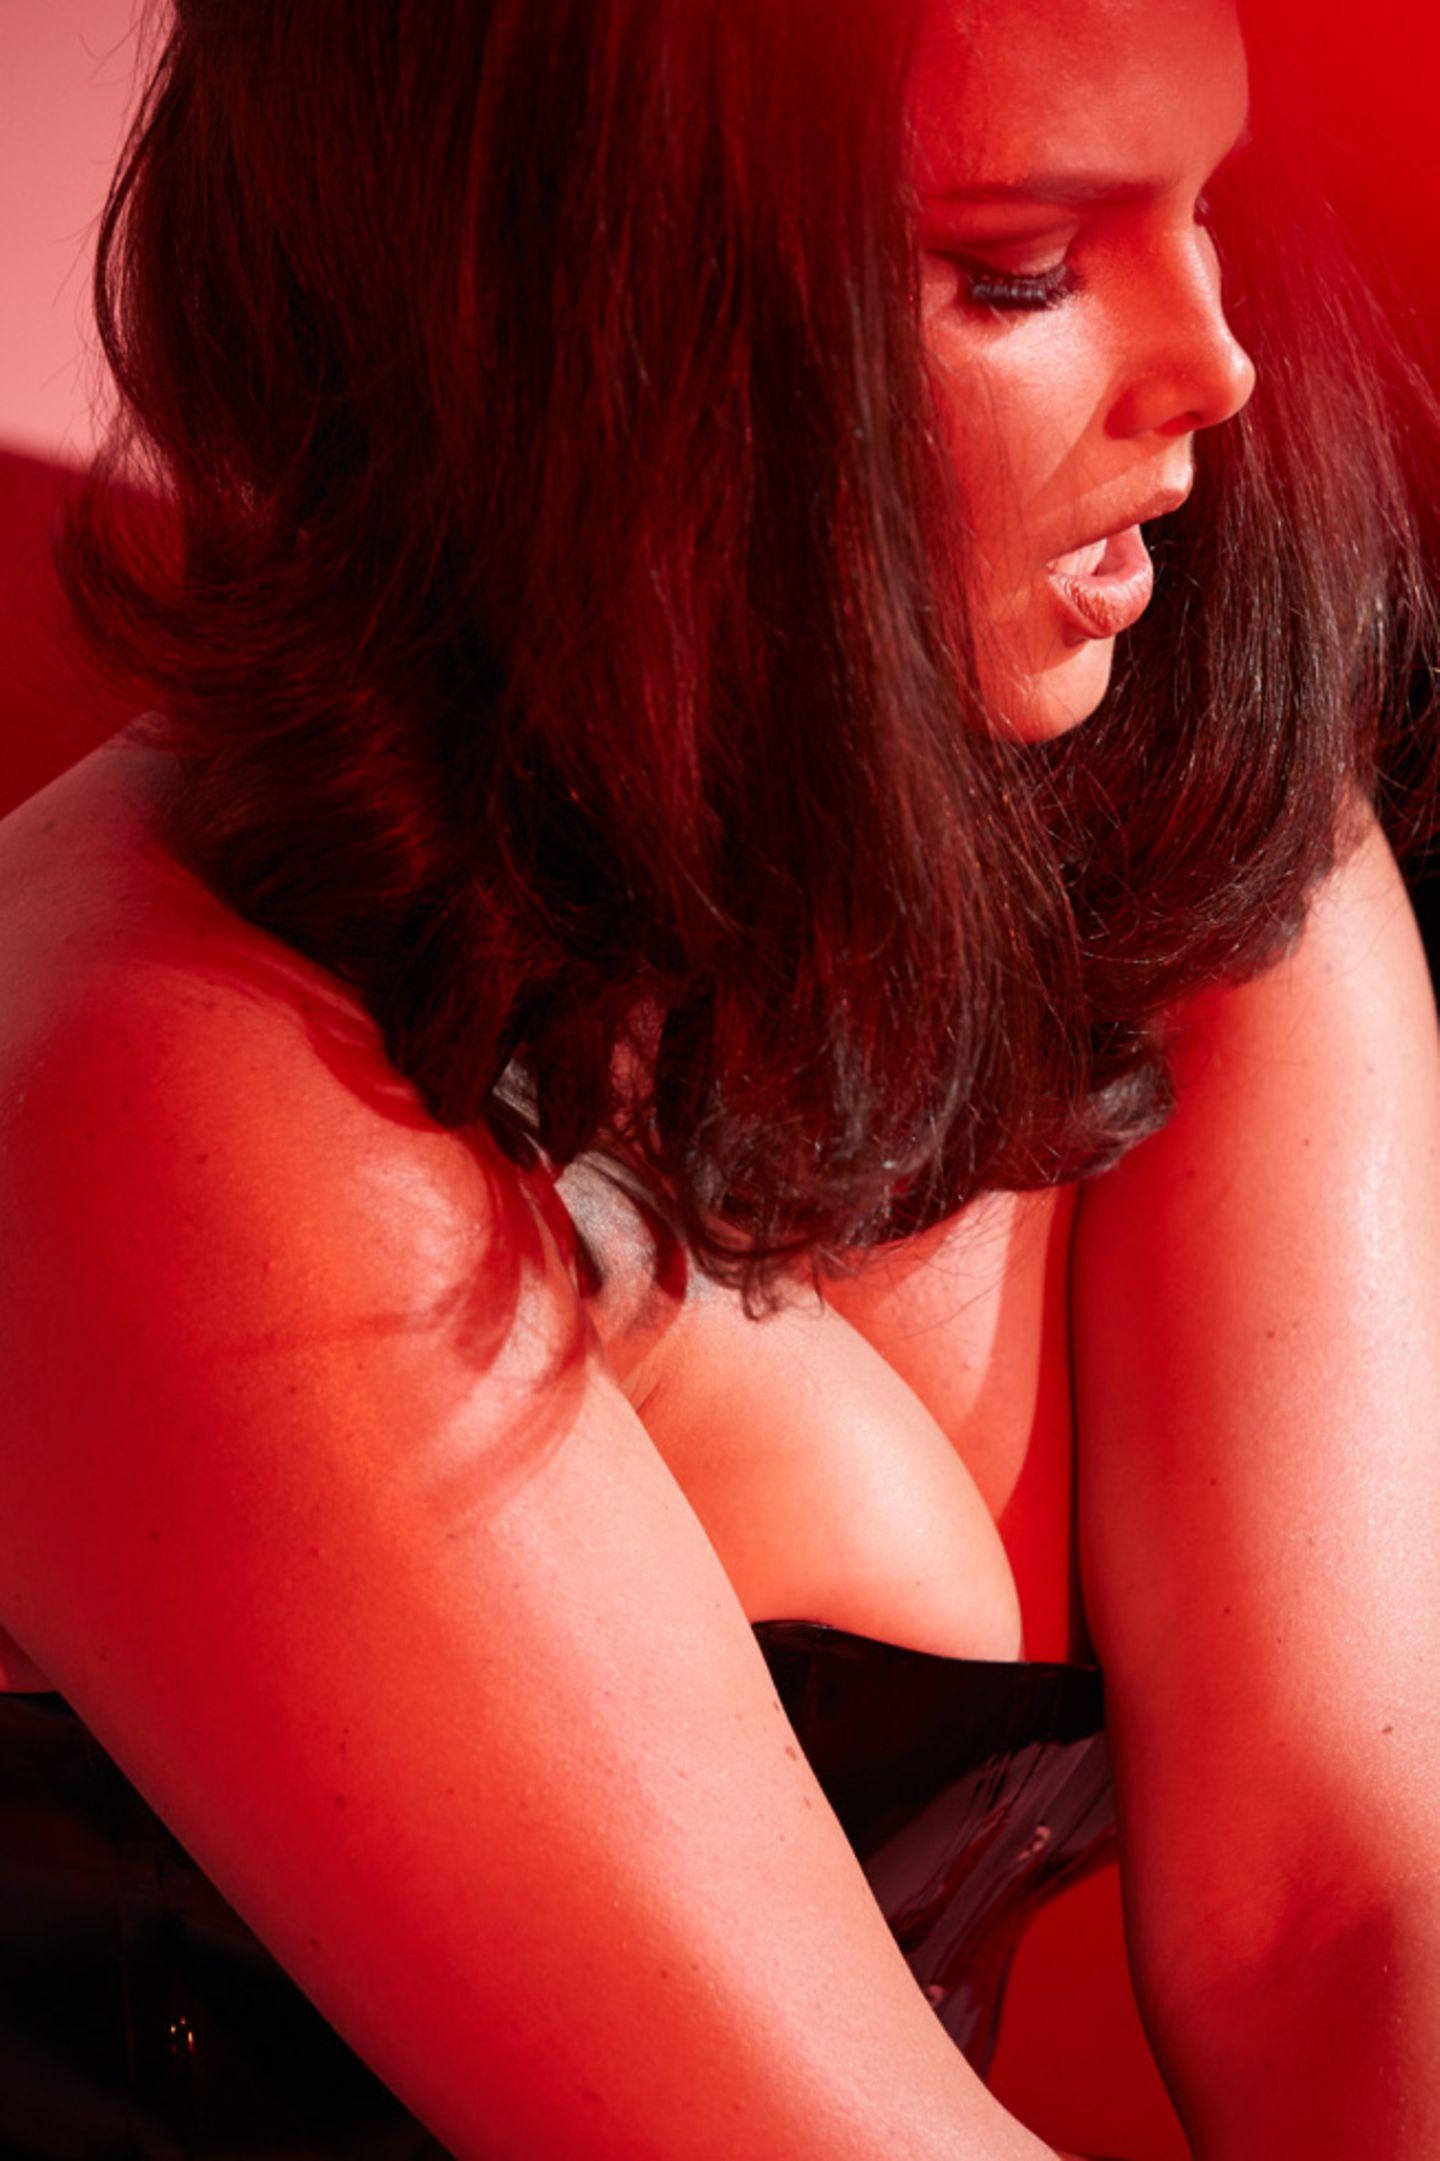 Endlich mal wieder ein Plus-Size-Model im Pirelli-Kalender: 1998 war Sophie Dahl das erste etwas fülligere Model, das für den Kalender posierte. 16 Jahre später ist mit Candice Huffine wieder ein Plus-Size-Model in dem berühmten Kalender zu sehen. Sie beweist, dass Latex auch in Kleidegröße 46 sexy sein kann.